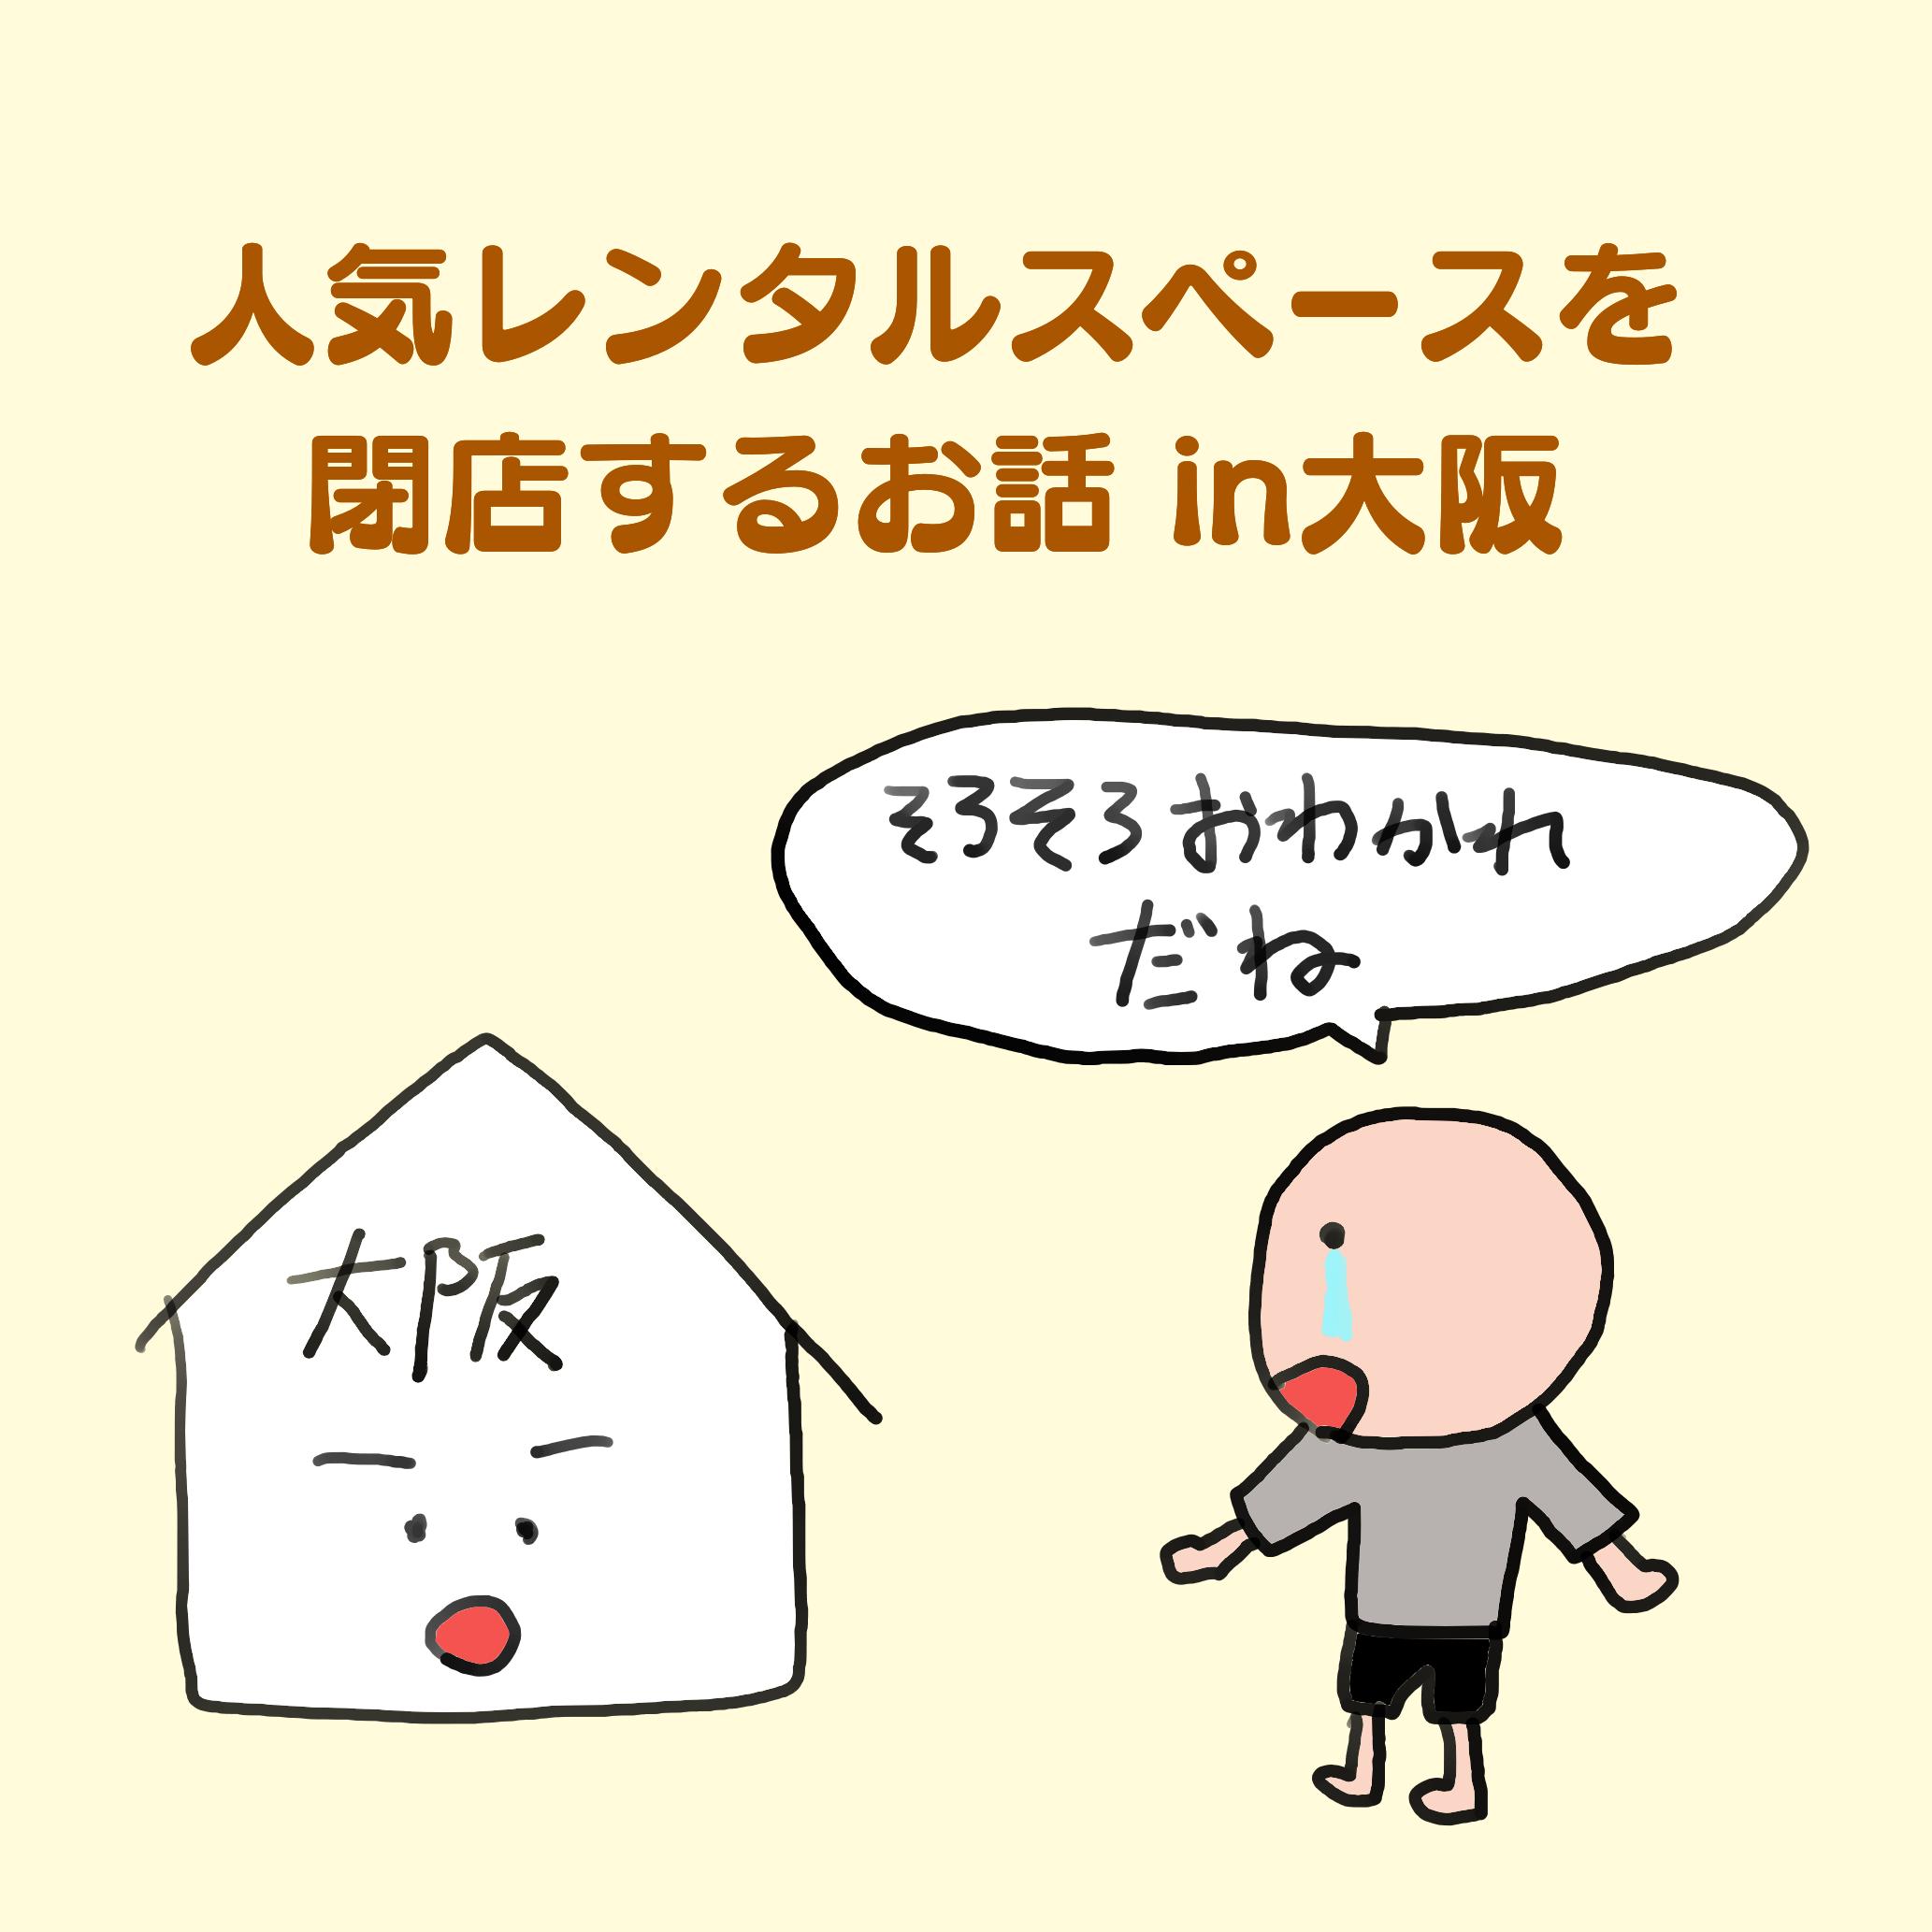 大阪の人気レンタルスペースを閉店するお話